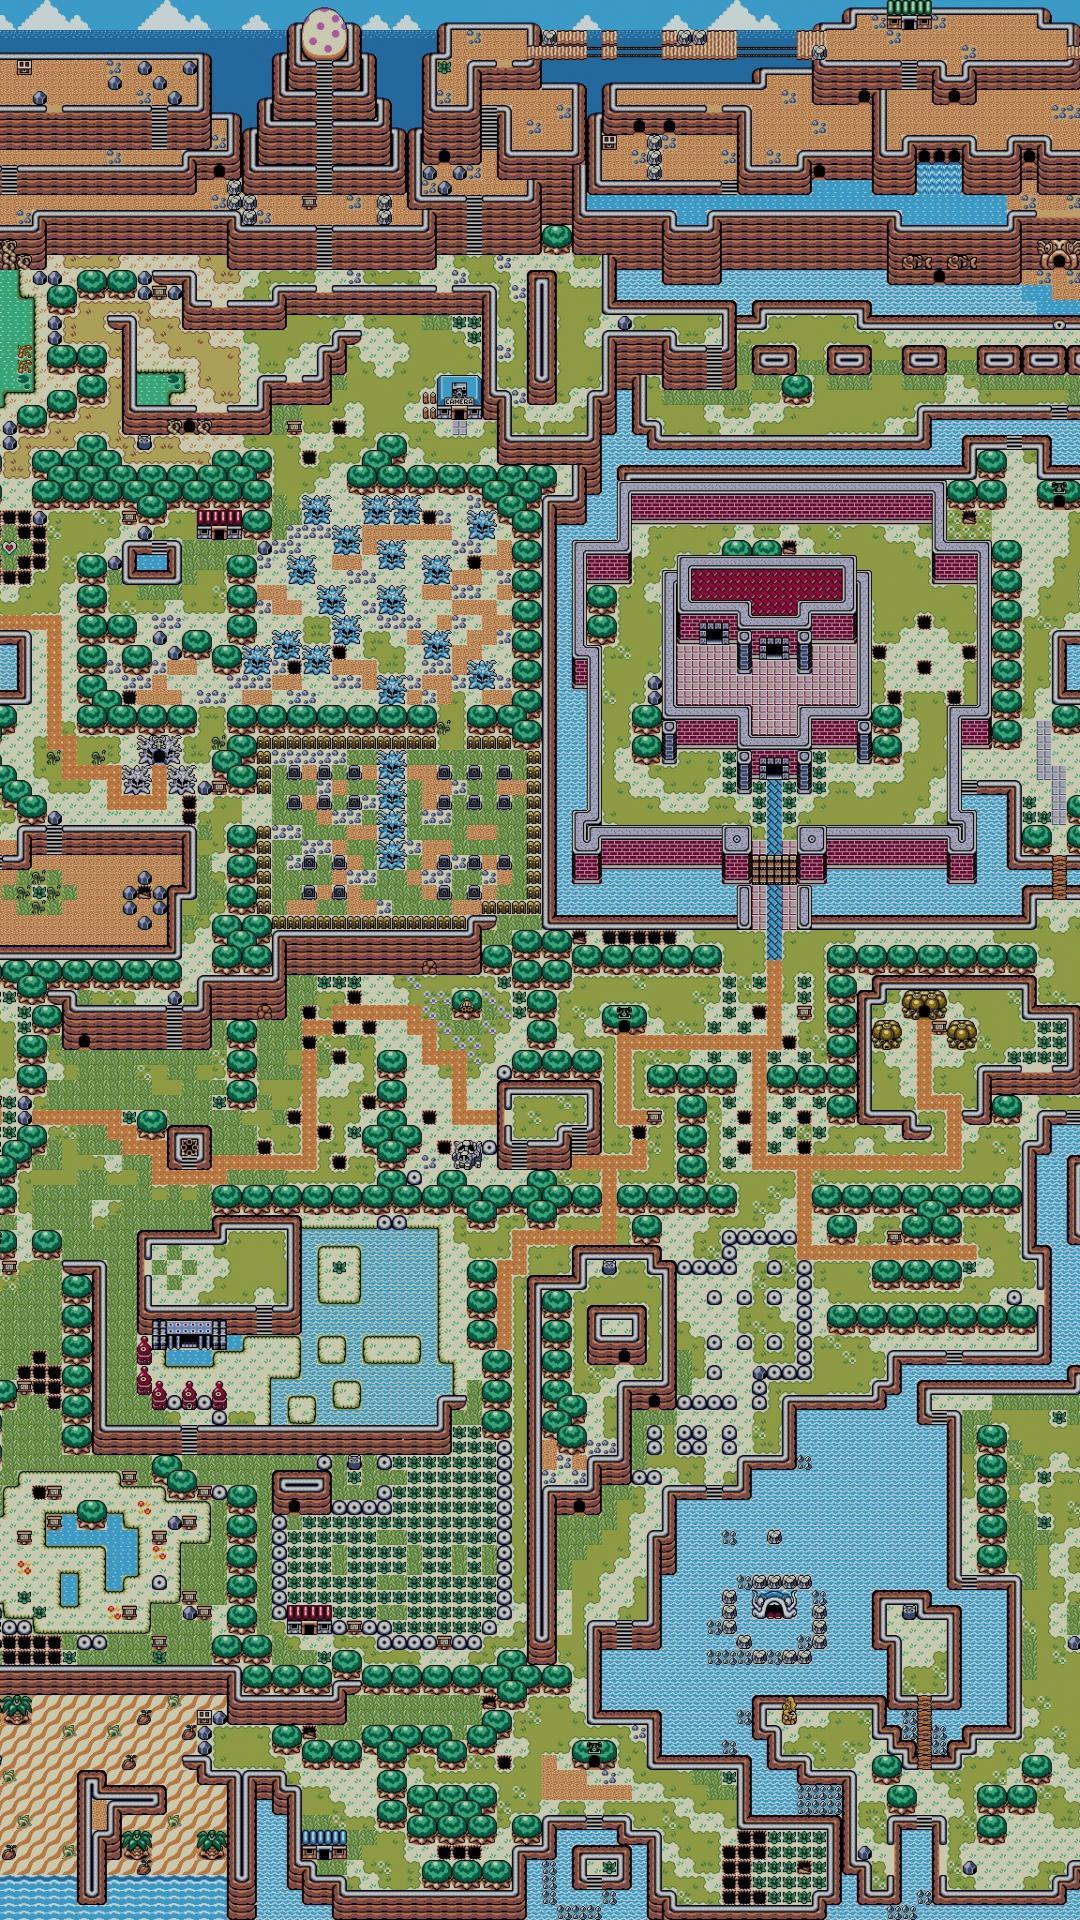 Wallpaper iphone zelda - The Legend Of Zelda Maps Retro 8 Bit Wallpaper 17505